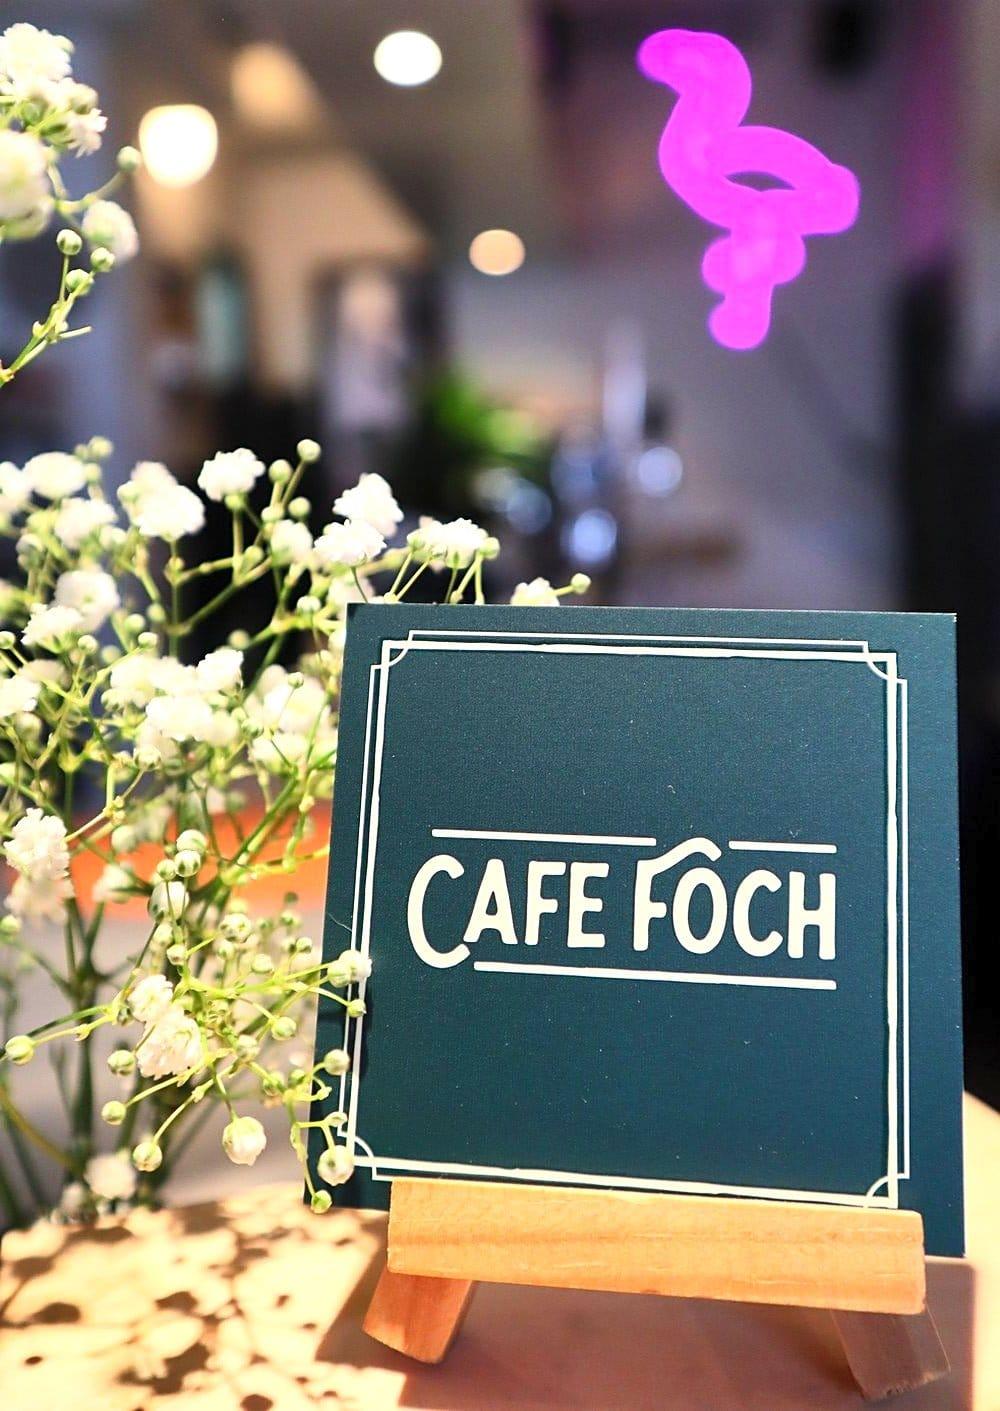 Café Foch